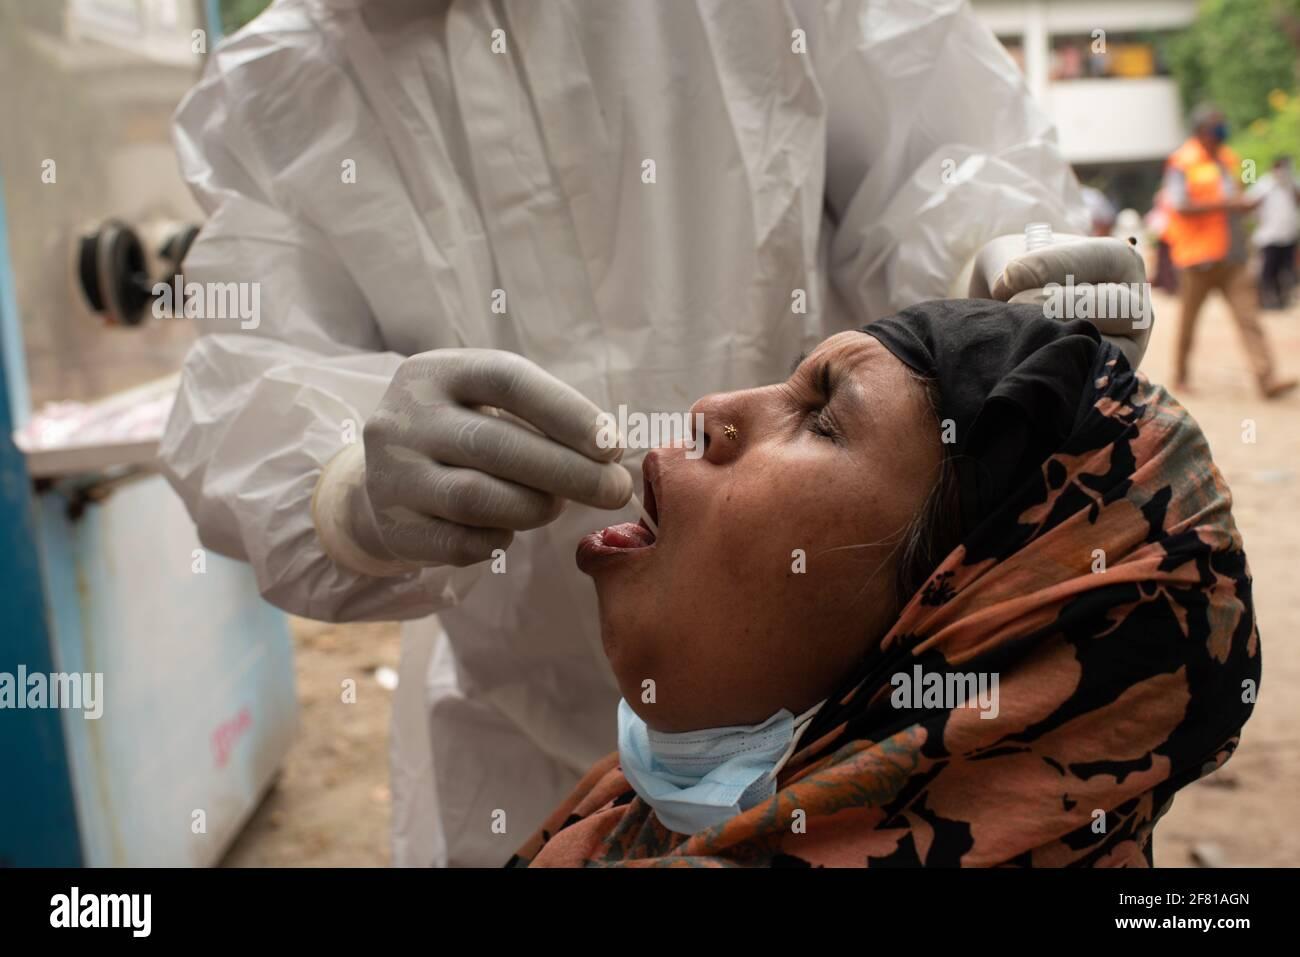 Dhaka, Bangladesh. 10 avril 2021. Une femme réagit alors qu'une travailleuse de la santé portant un équipement de protection individuelle prend un écouvillon pour tester la maladie du coronavirus (COVID-19) dans un hôpital de Dhaka. Credit: Fatima-Tuj Johora/ZUMA Wire/Alamy Live News Banque D'Images